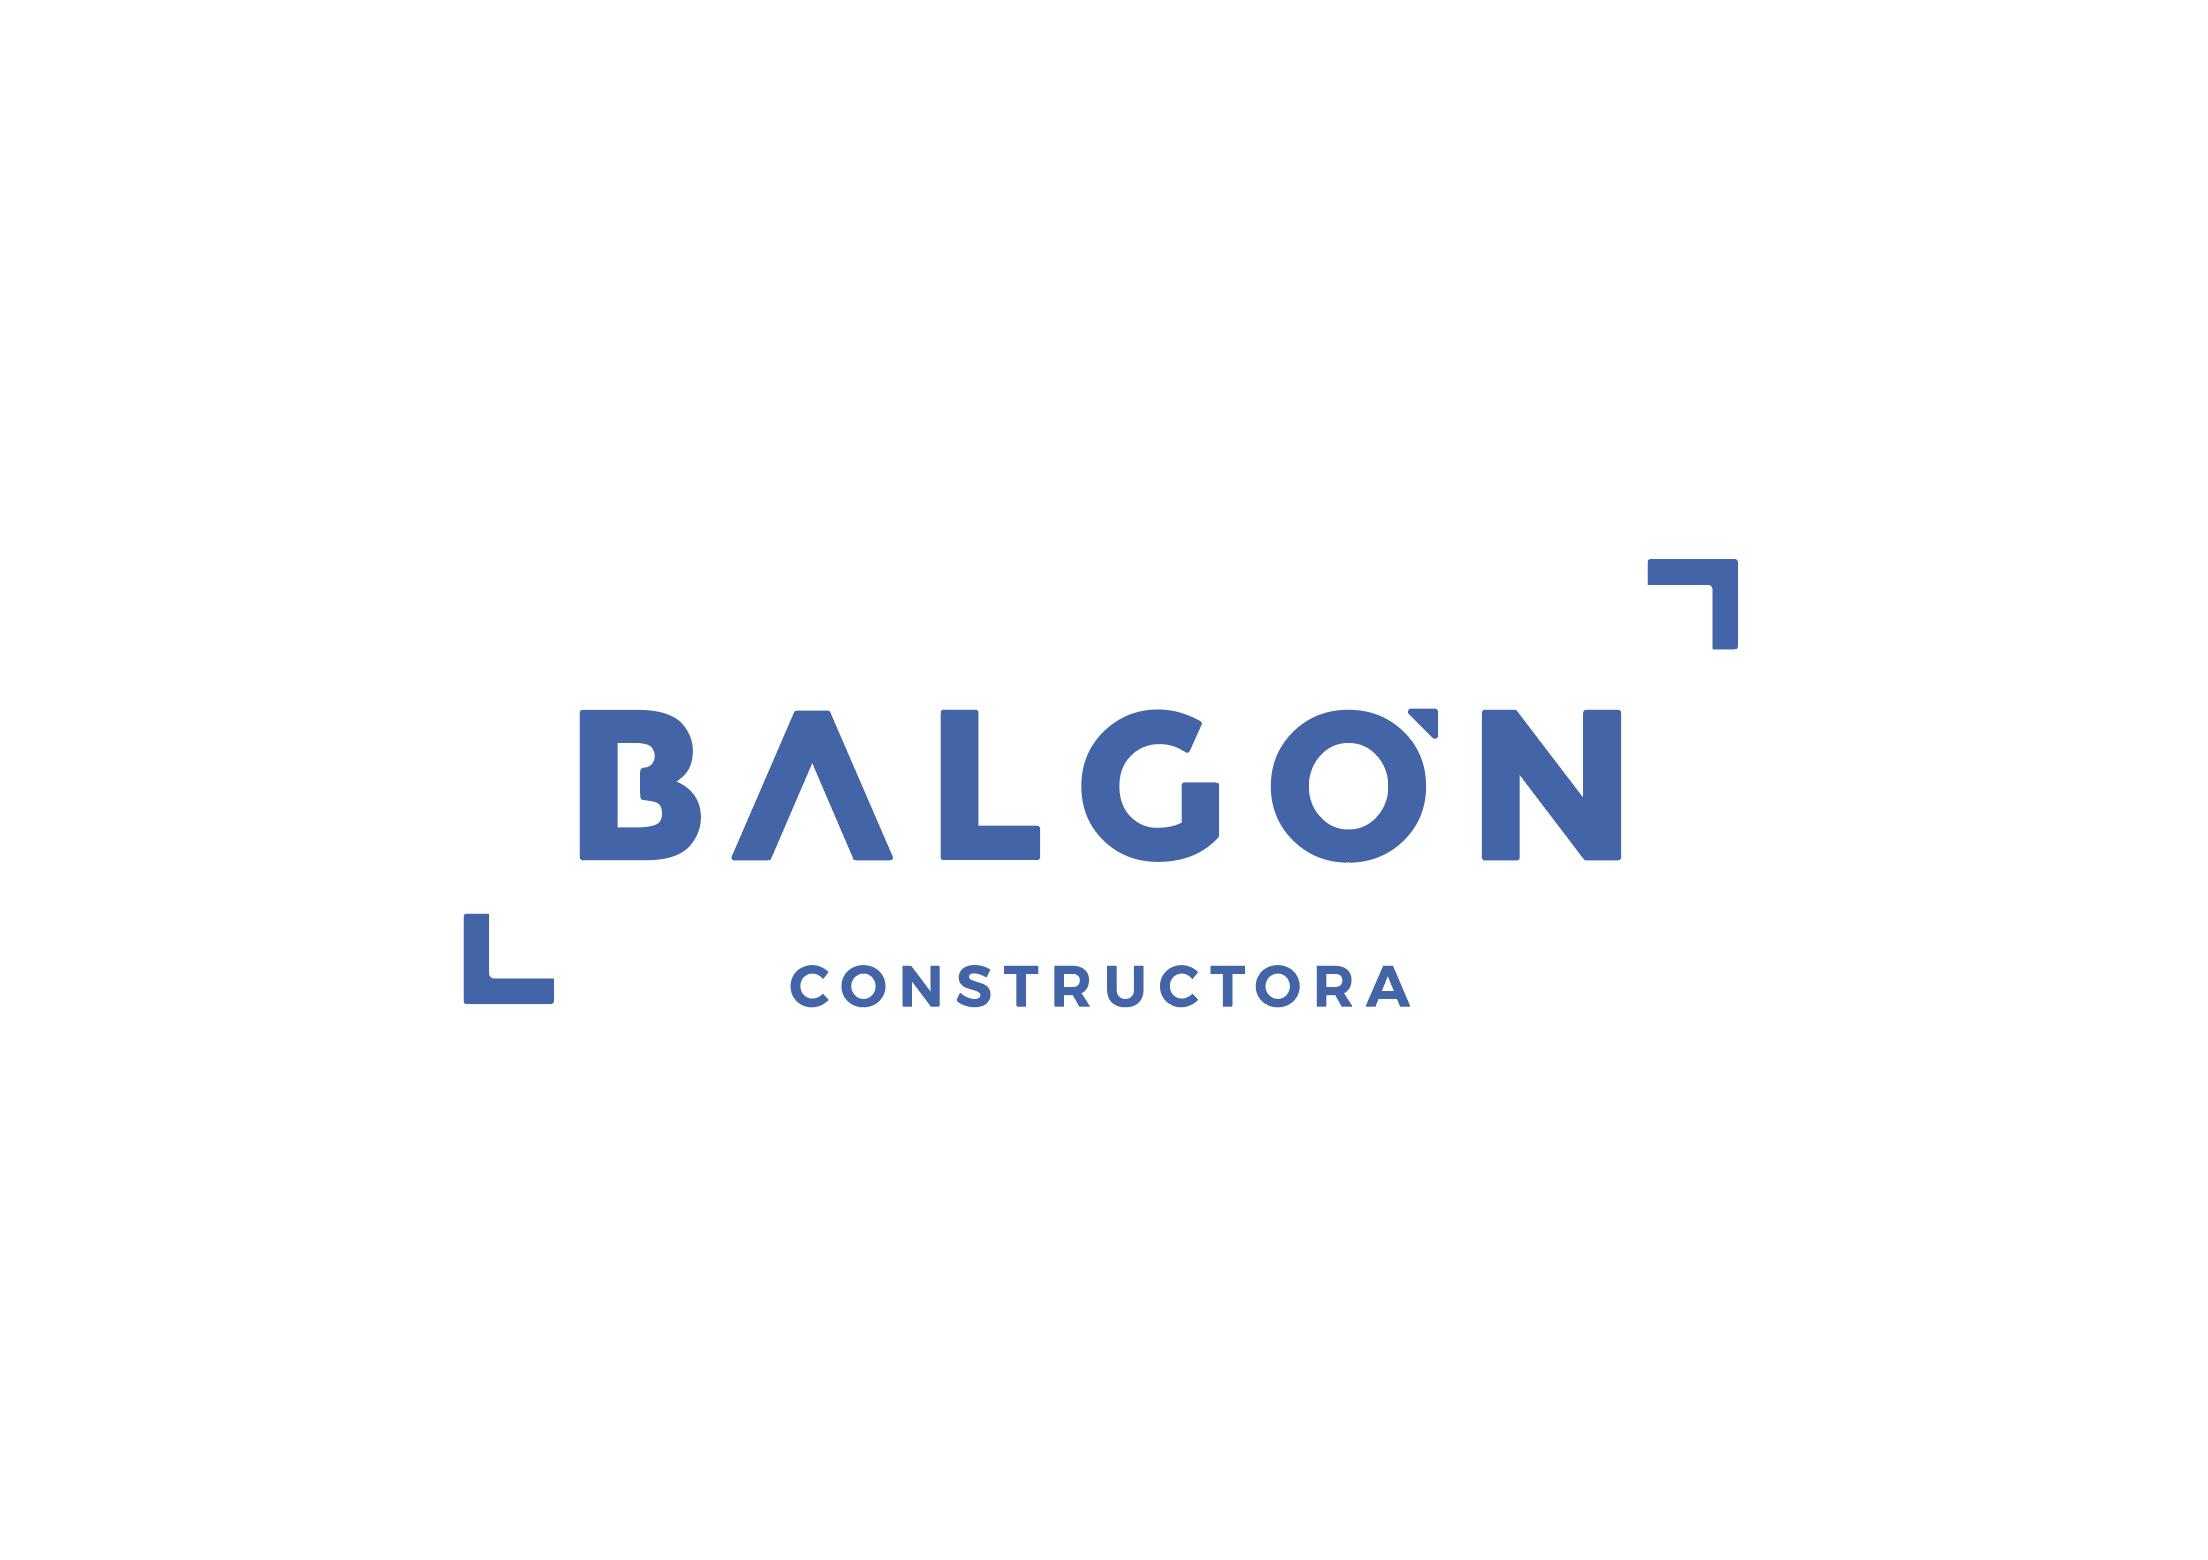 Balgón constructora